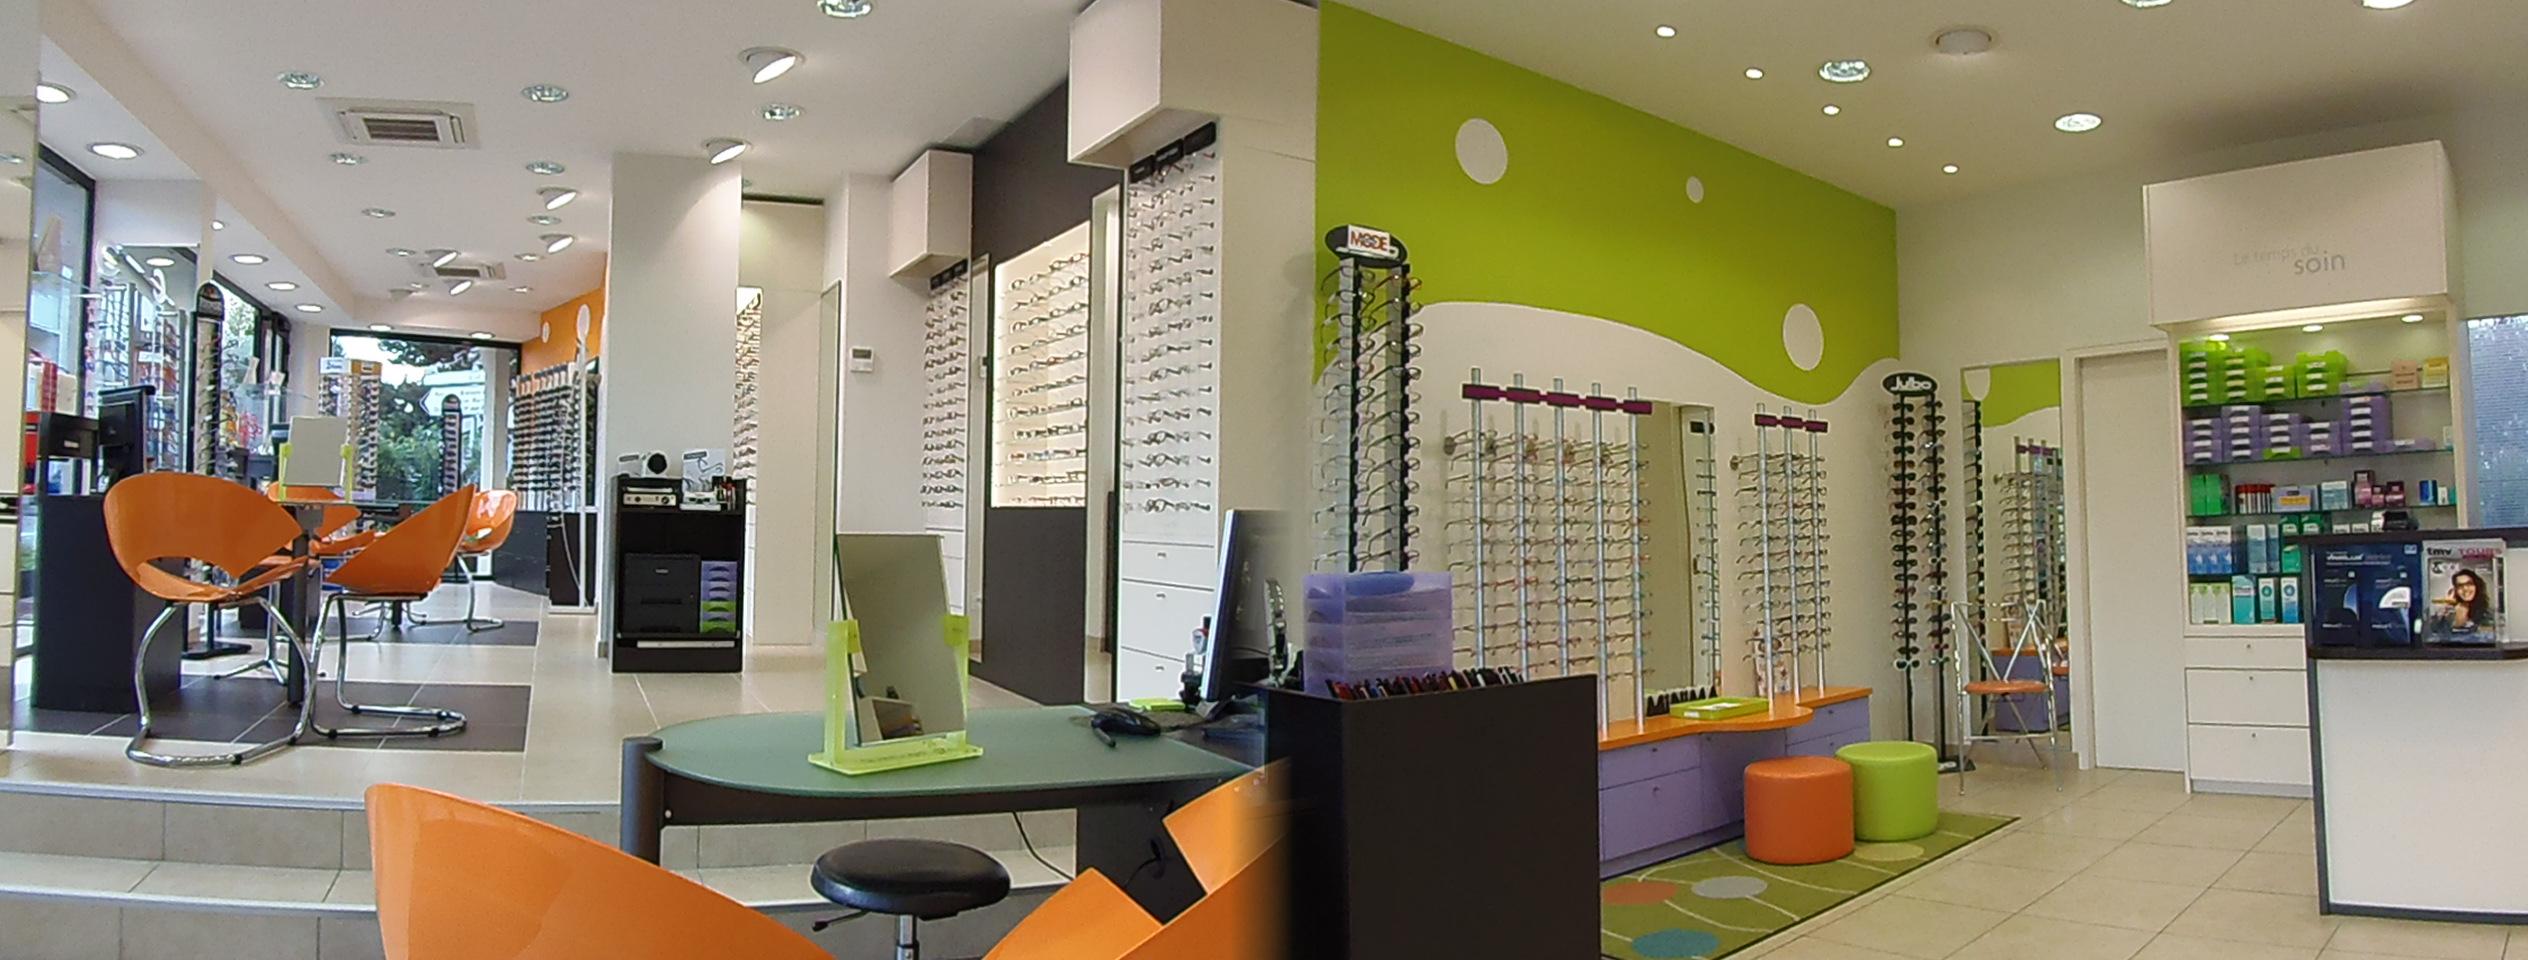 opticien joue les tours 37300 lunettes femme lunettes homme optic 2000. Black Bedroom Furniture Sets. Home Design Ideas